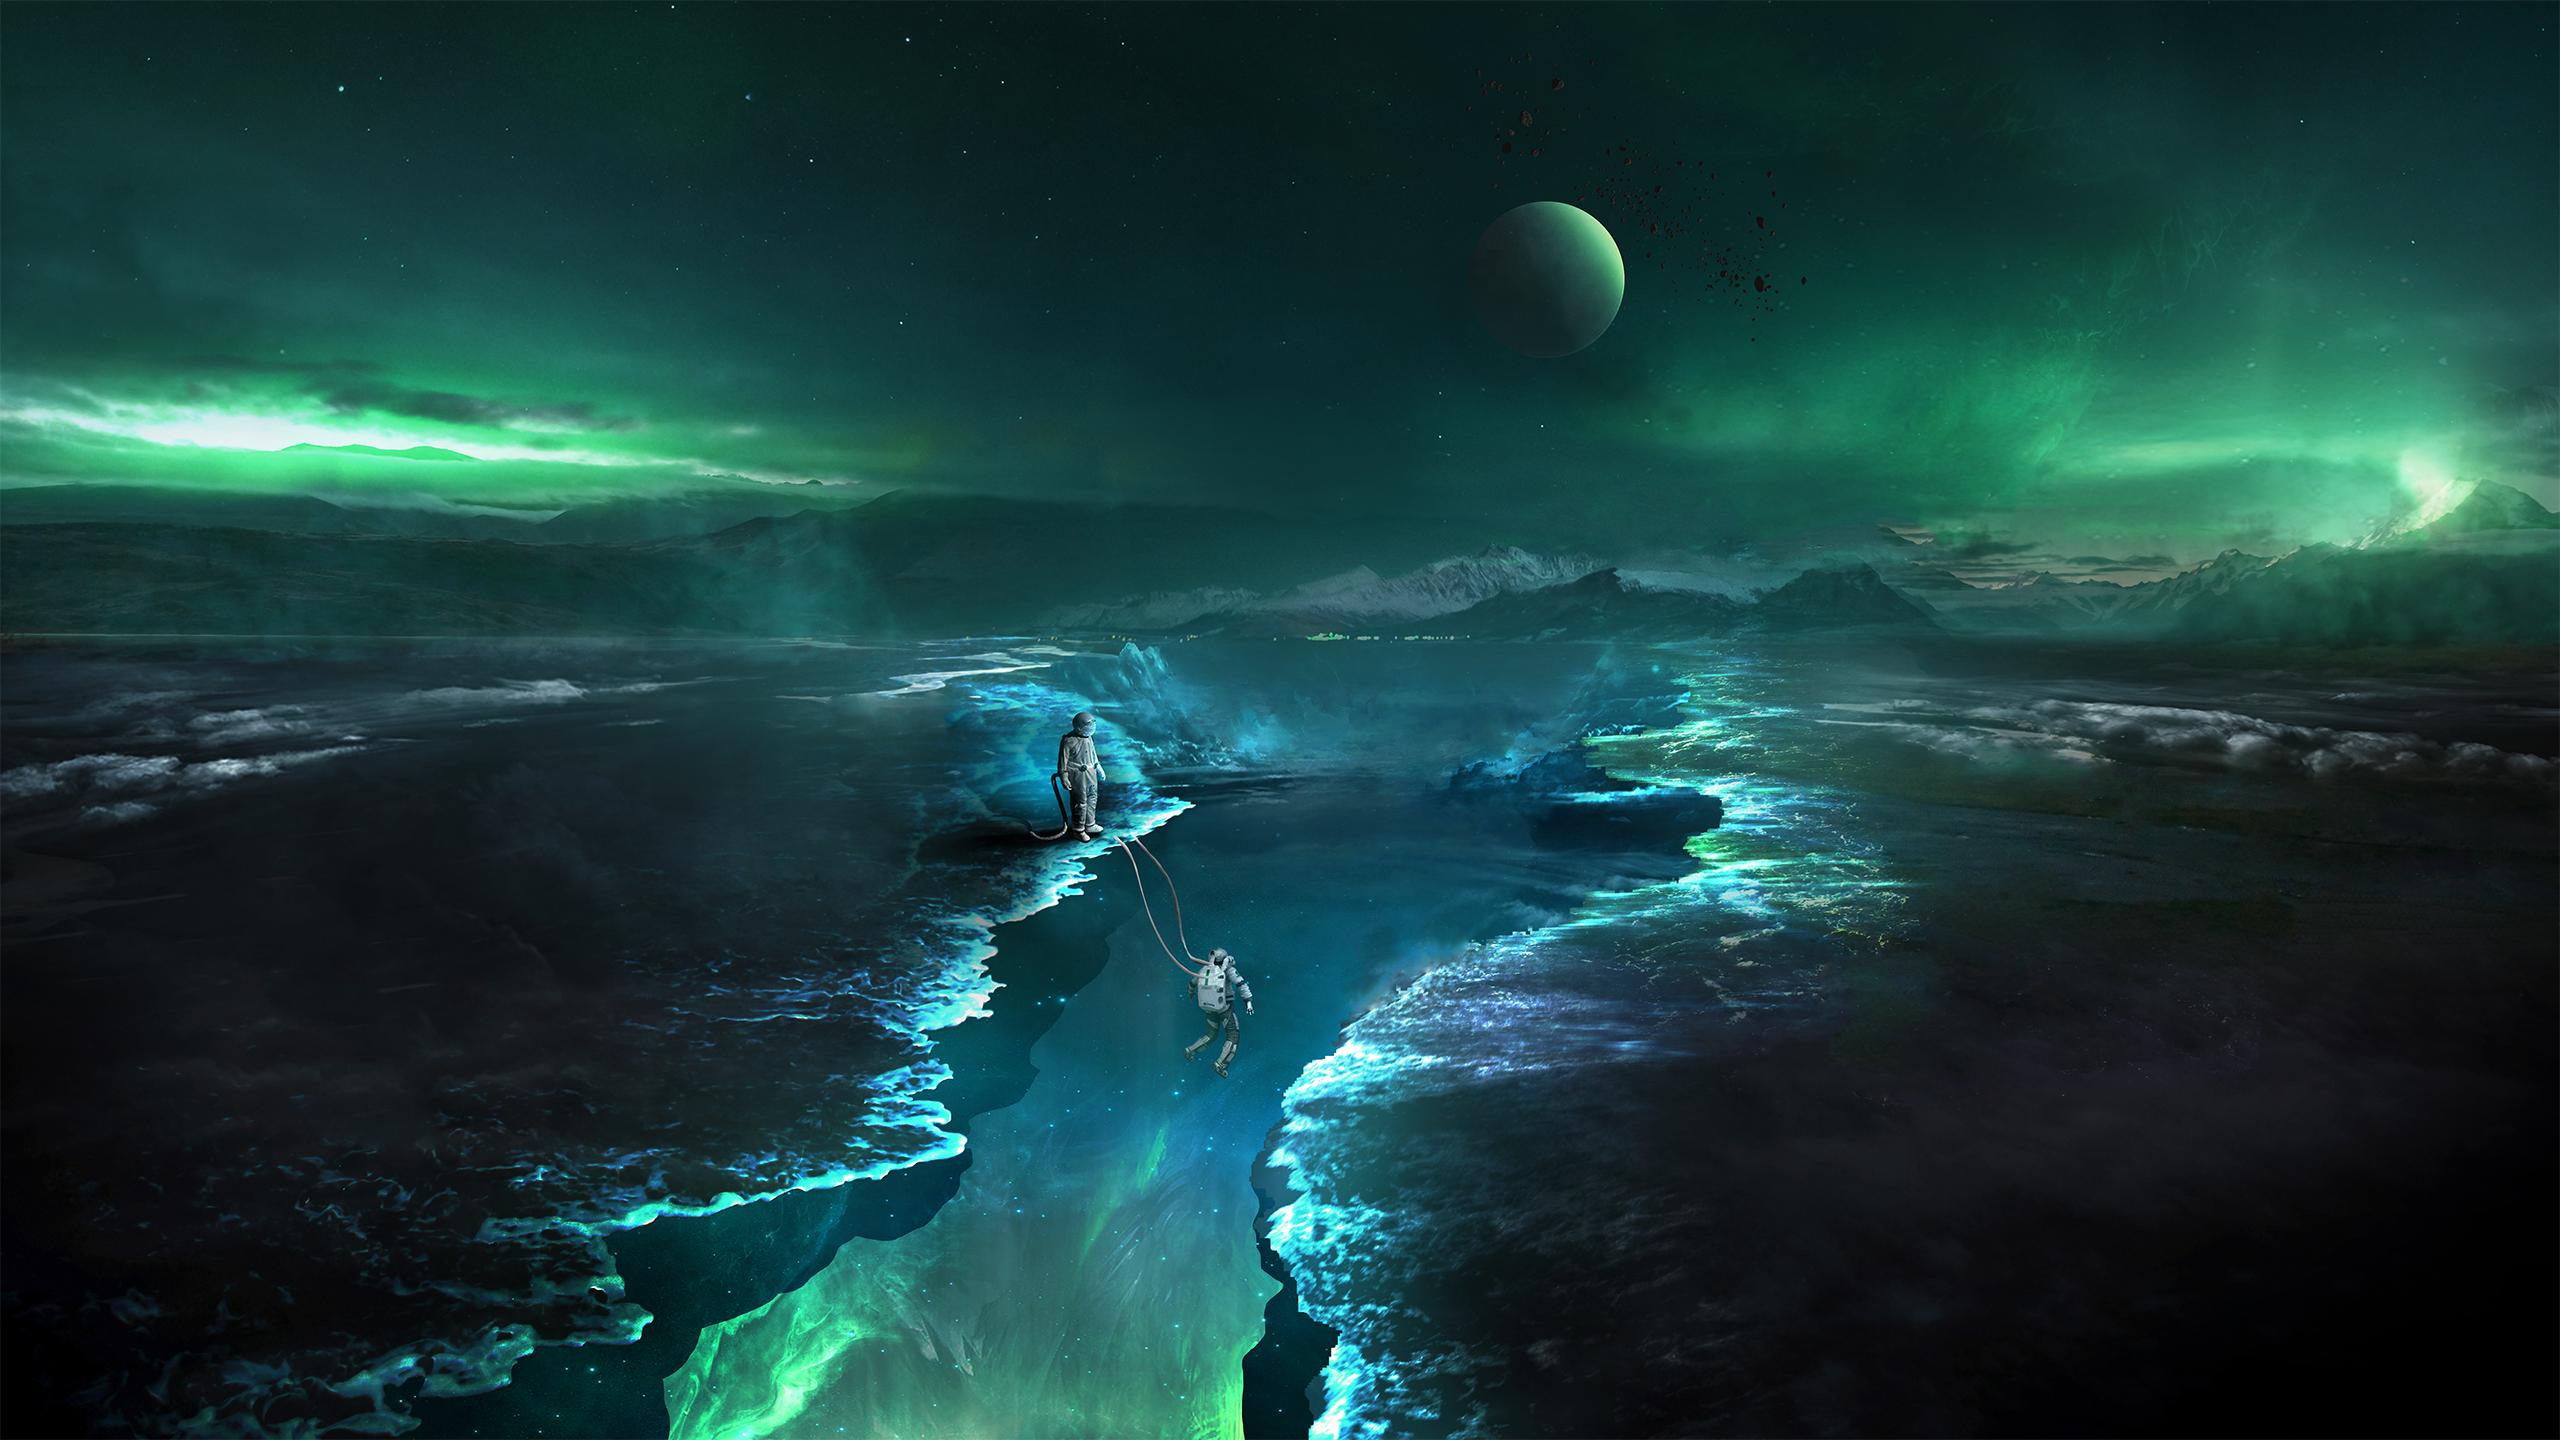 Astronaut space digital art fantasy hd artist 4k - Fantasy wallpaper digital art ...